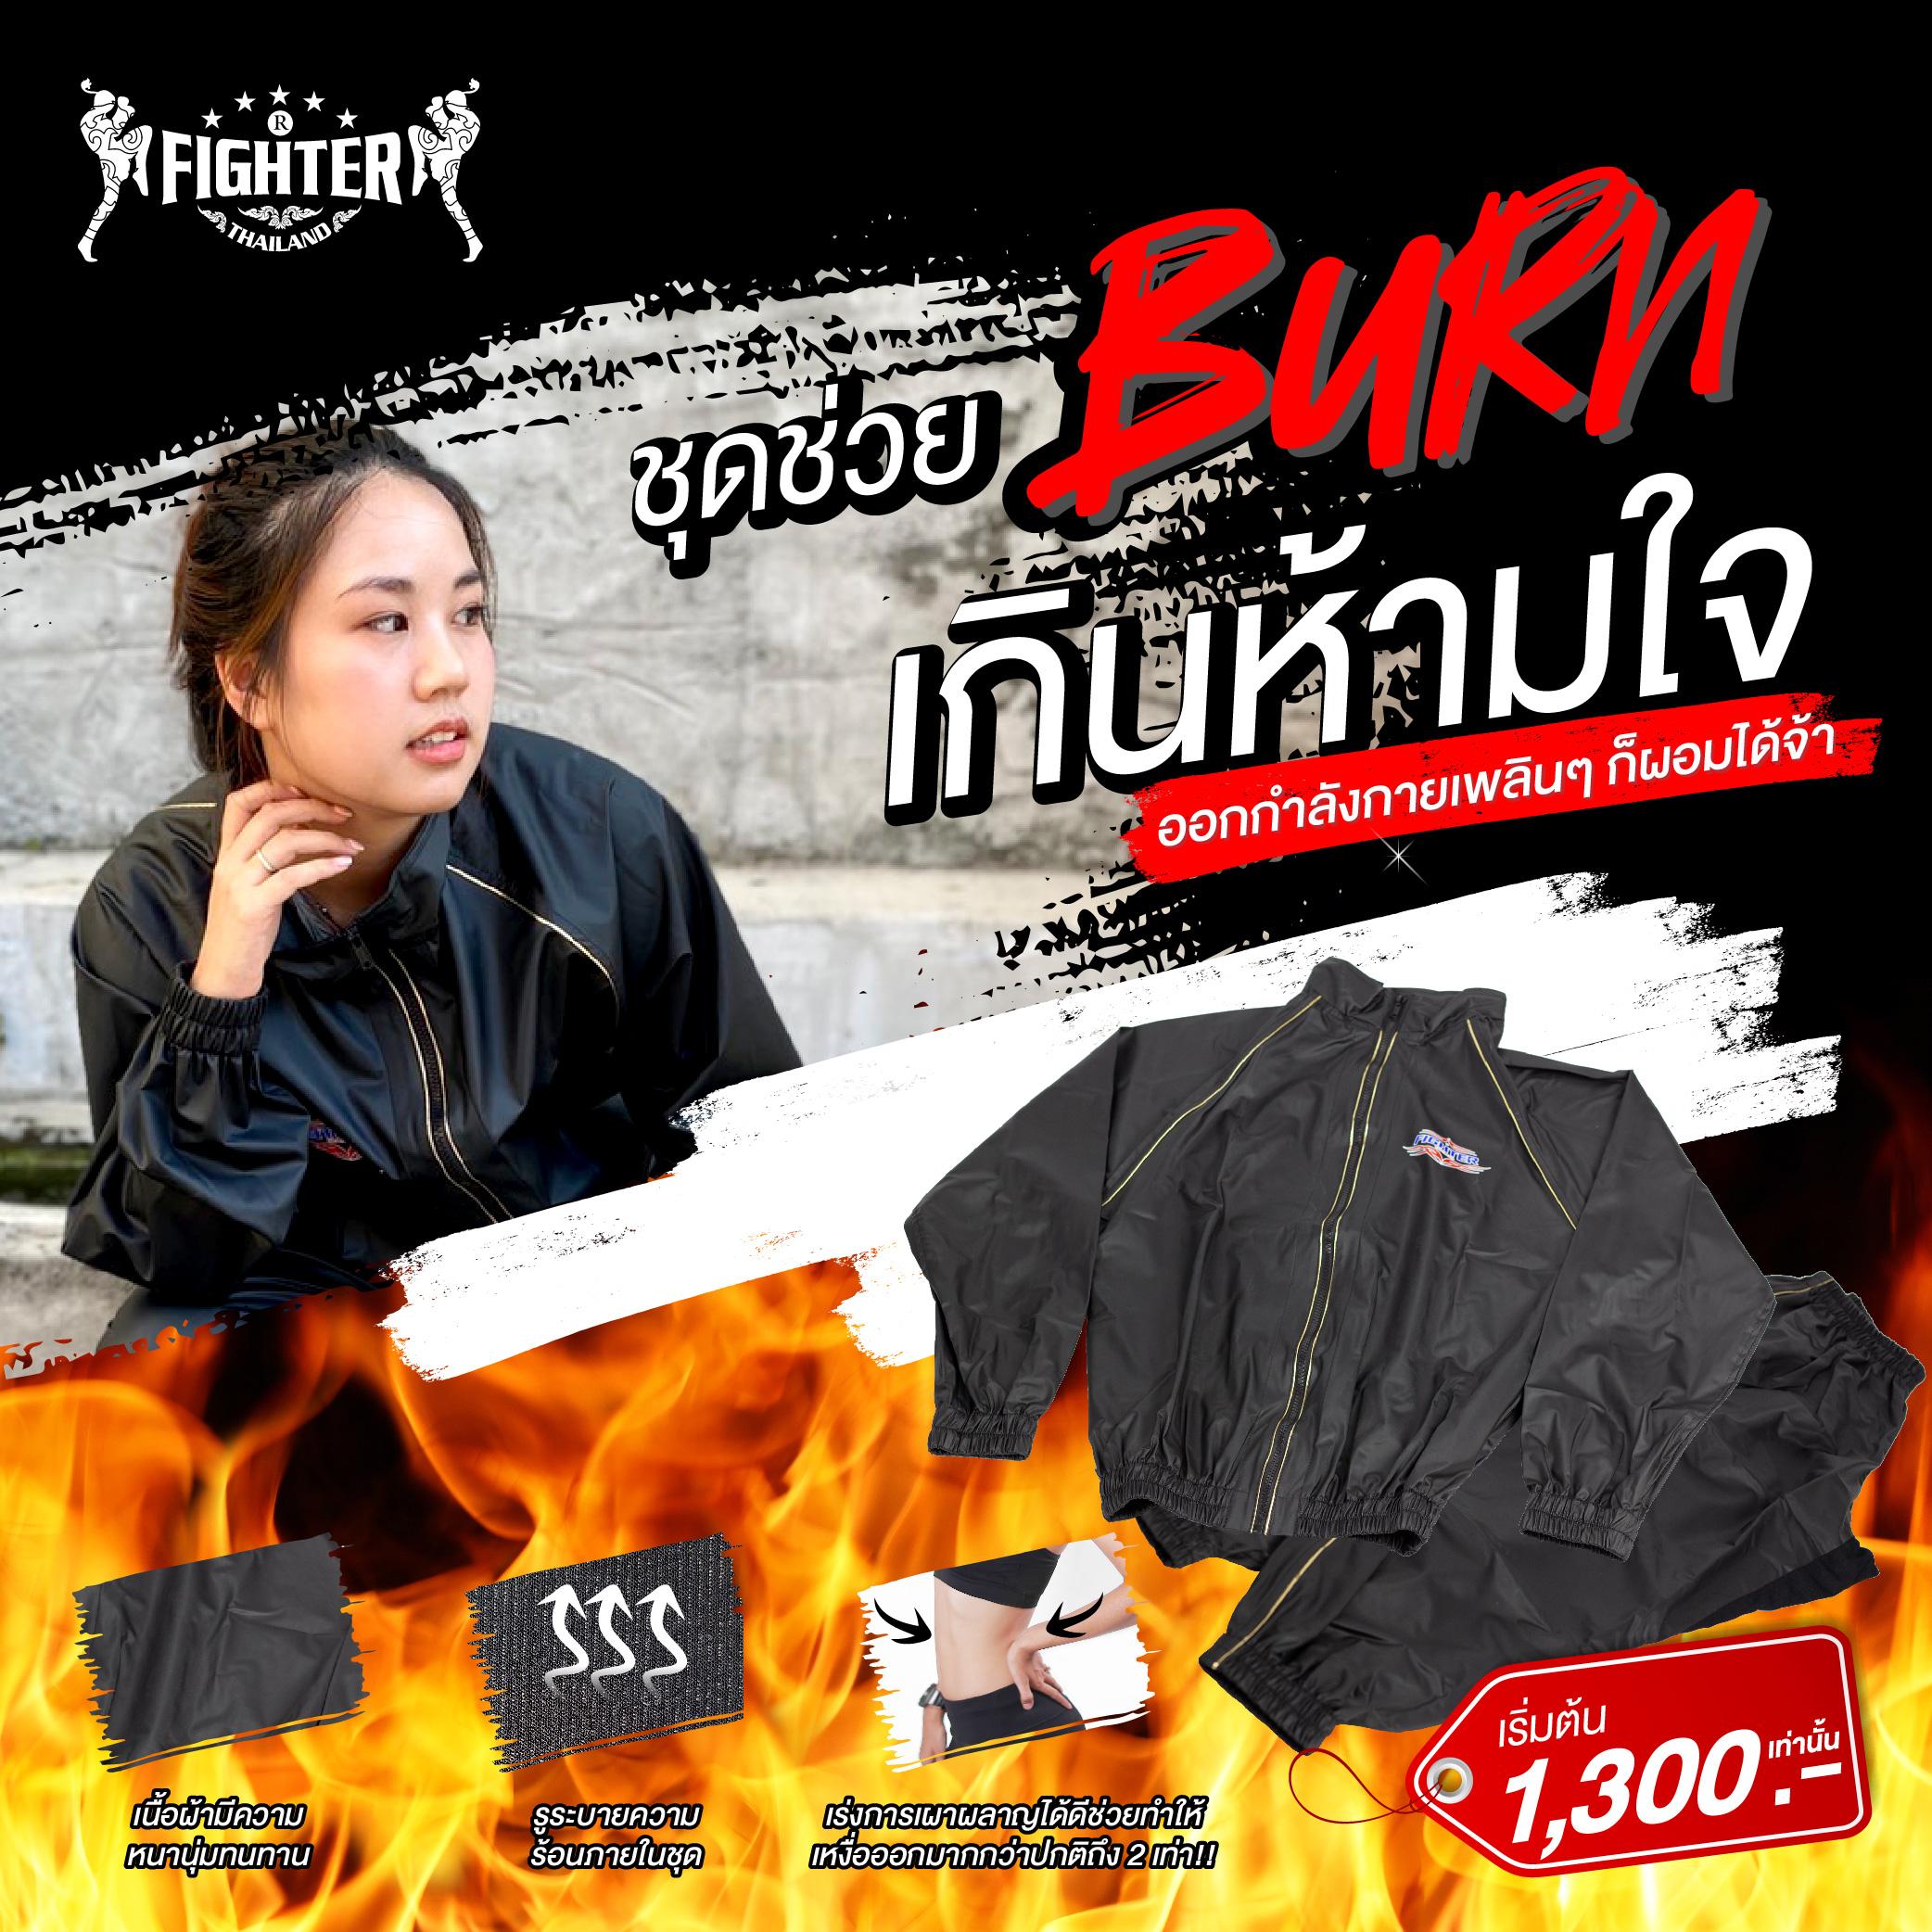 ทำไมชุดซาวน่าถึงติด Top สินค้าขายดีของ Fighter Thailand